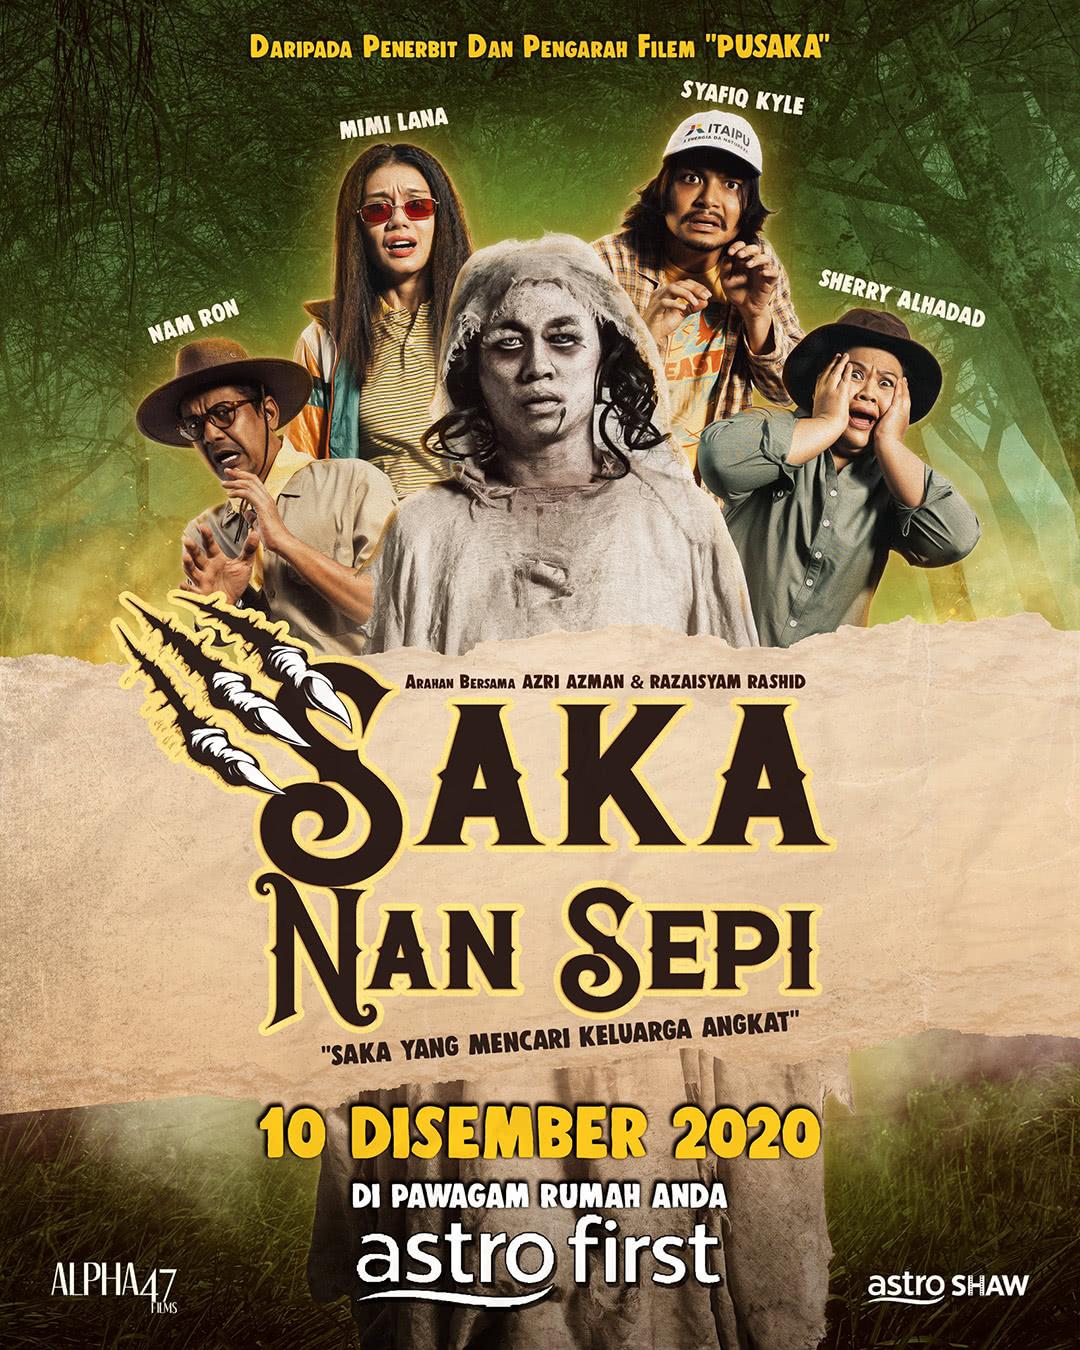 Saka Nan Sepi